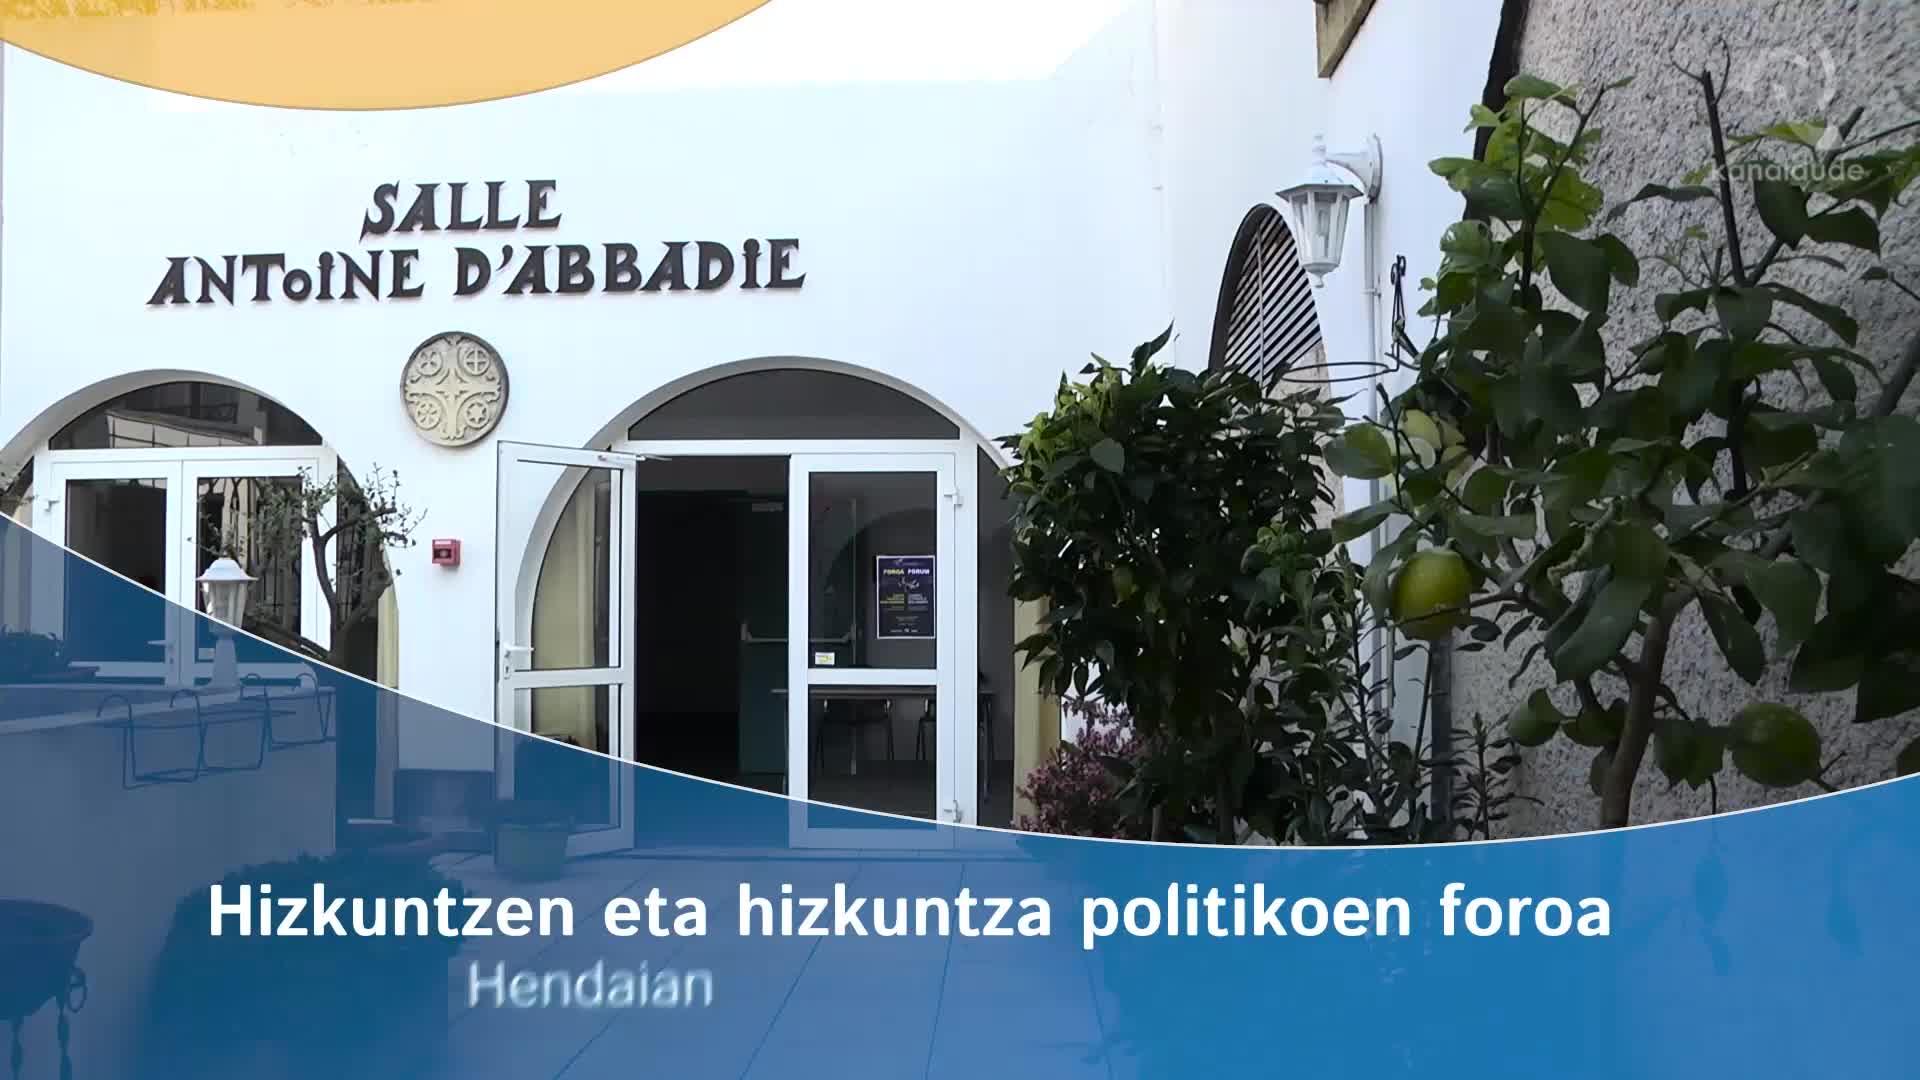 Hizkuntzen eta hizkuntza politikoen foroa, Hendaian